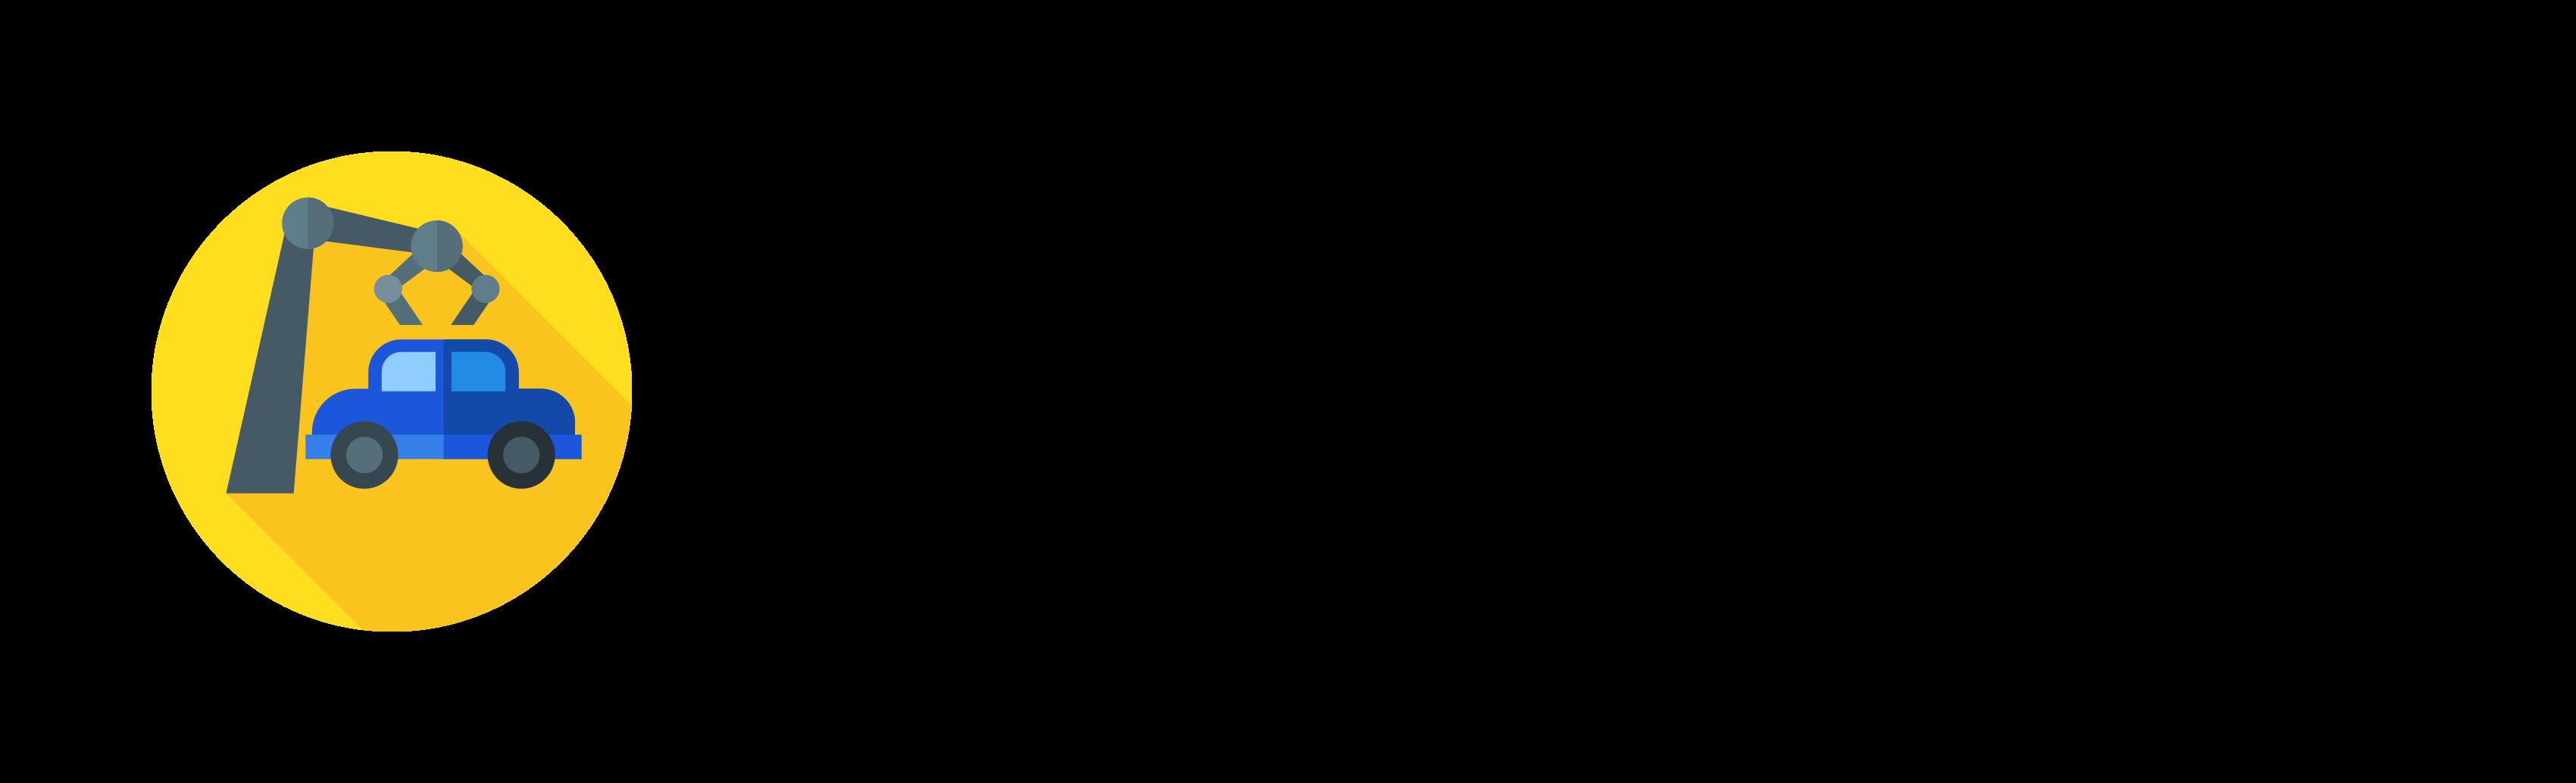 sunrise real logo